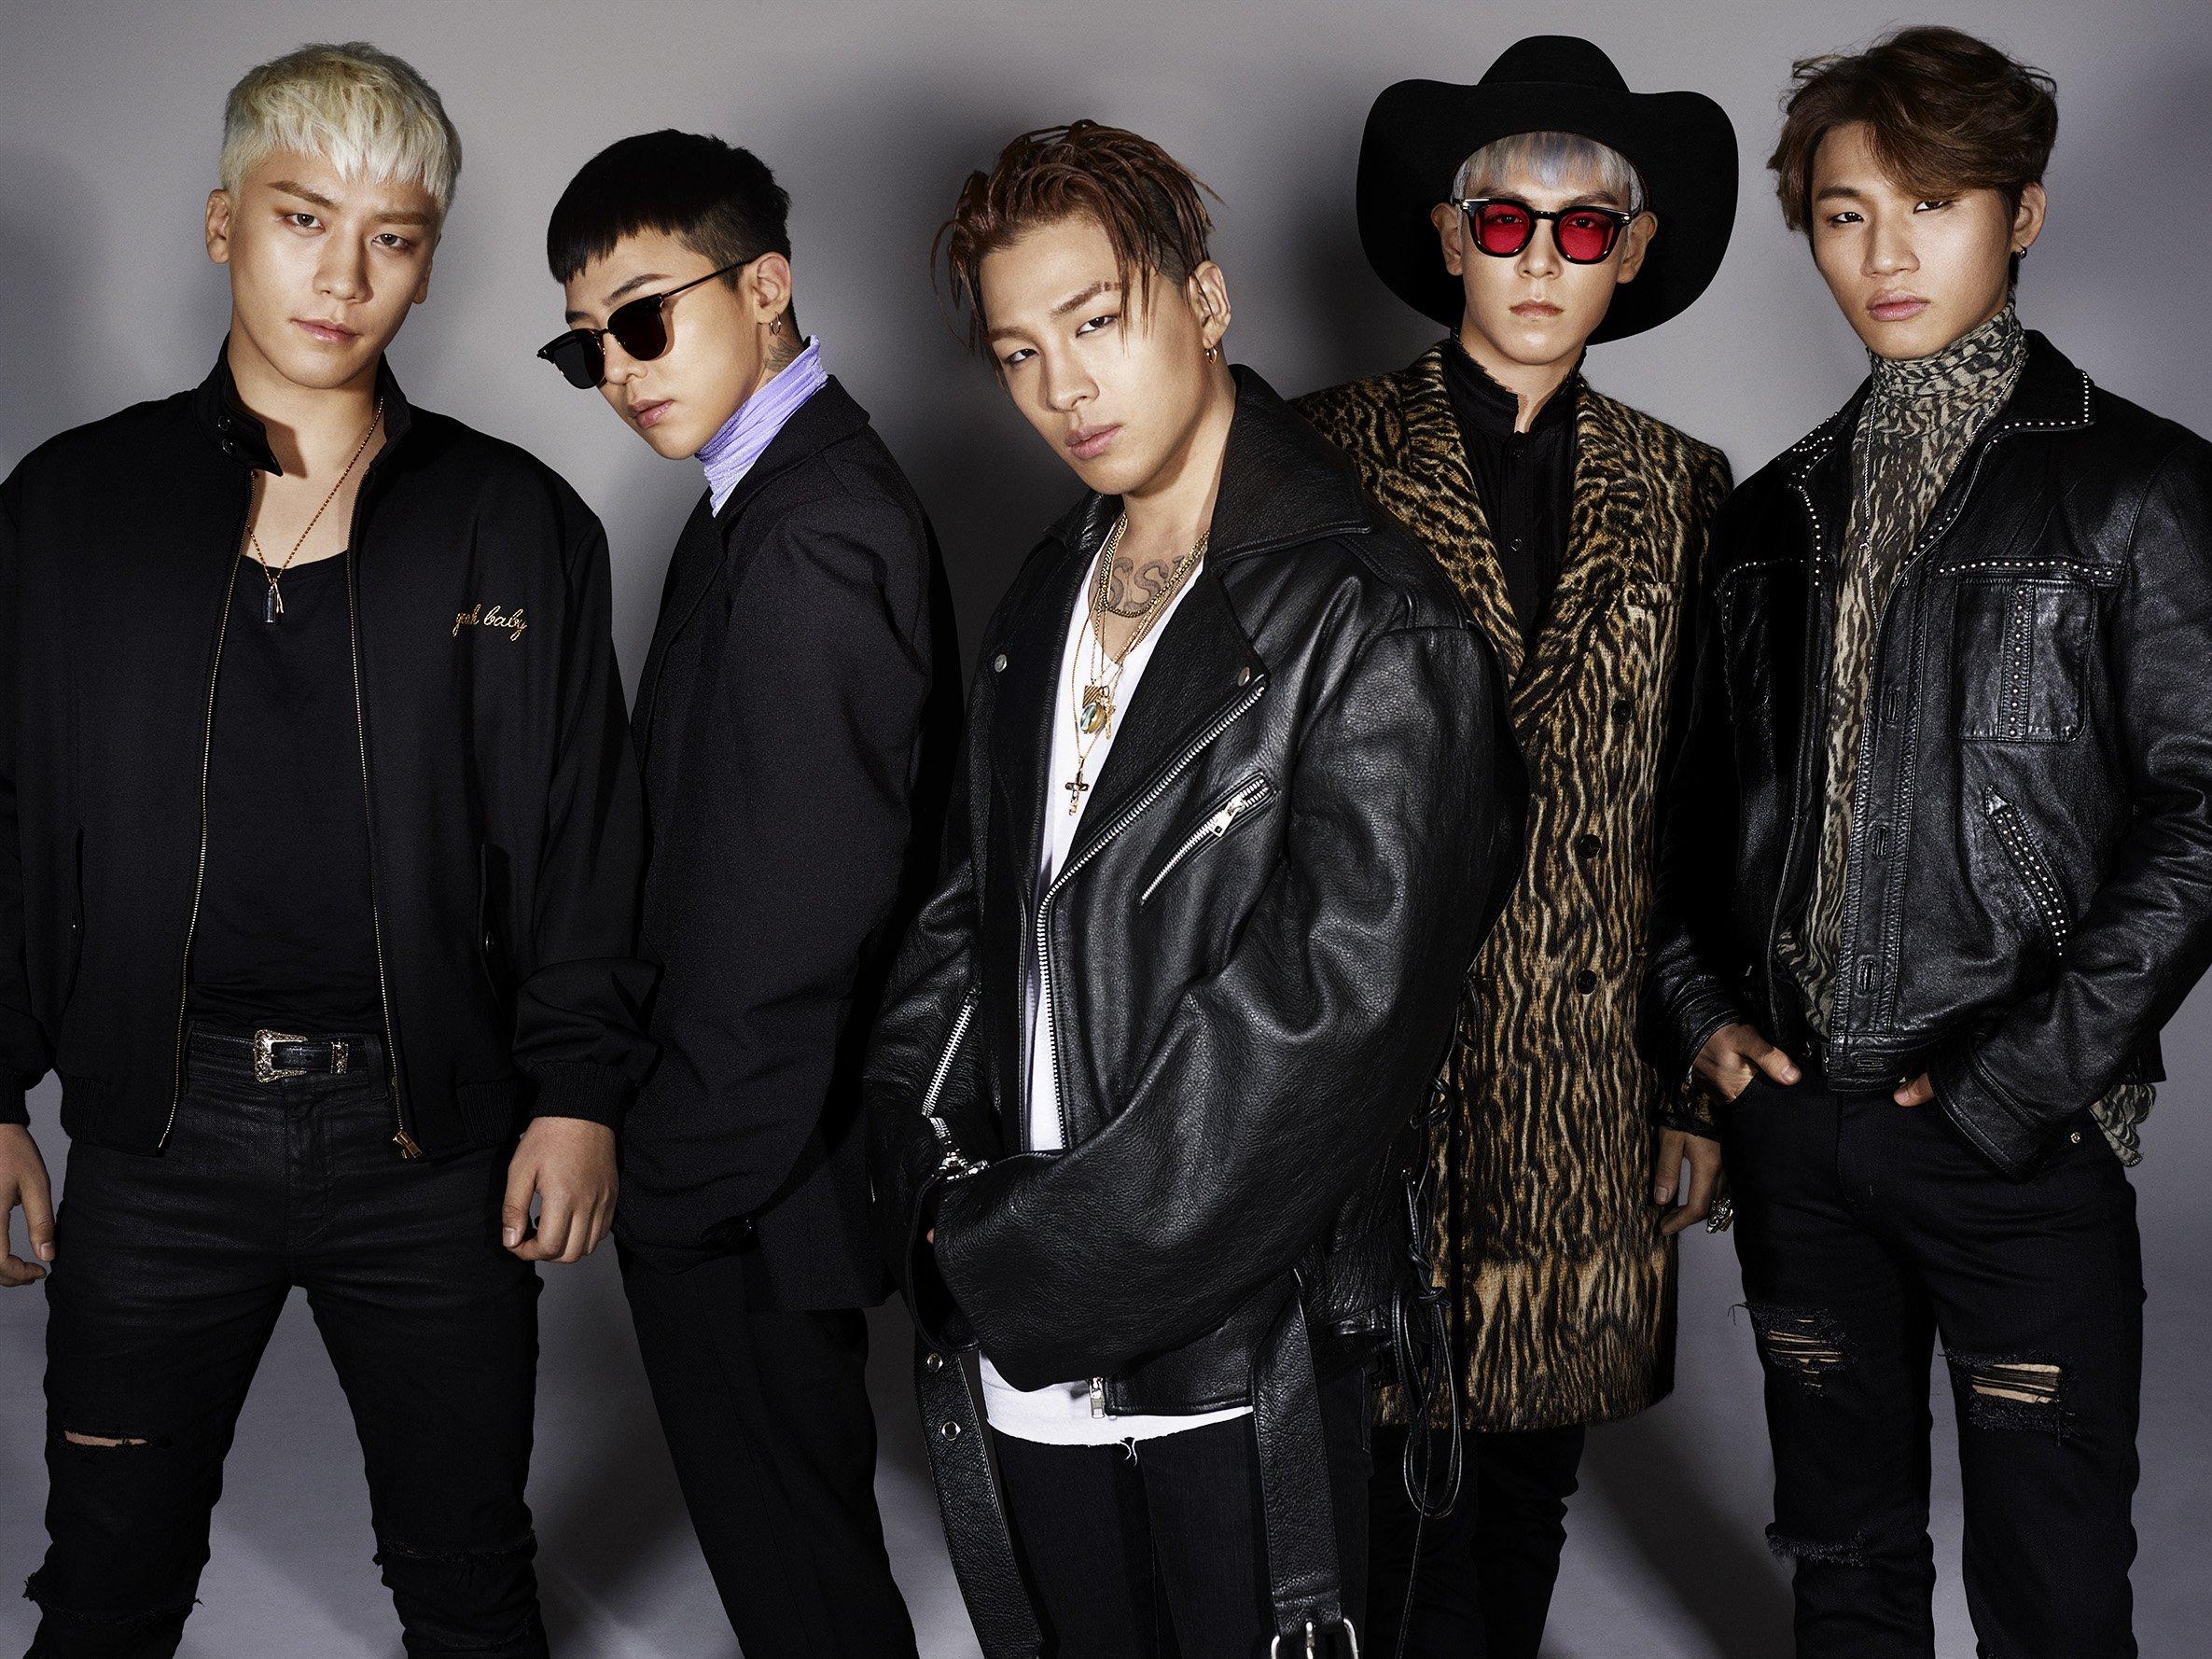 [TIỂU SỬ TỔNG HỢP] NHÓM BIGBANG